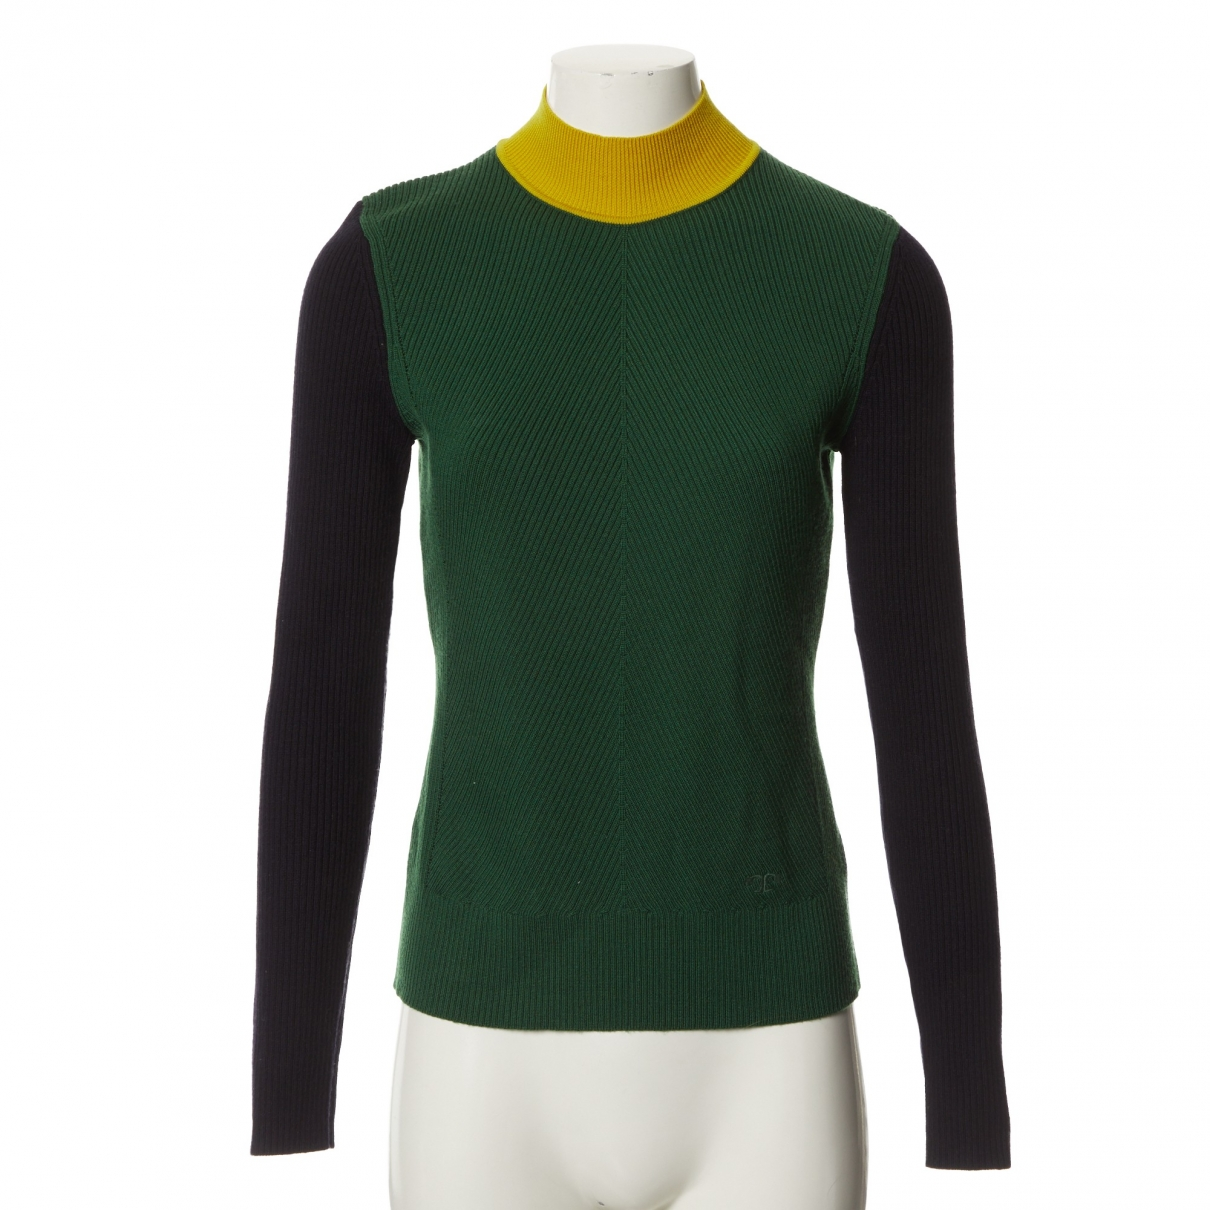 Tory Burch - Pull   pour femme en laine - multicolore